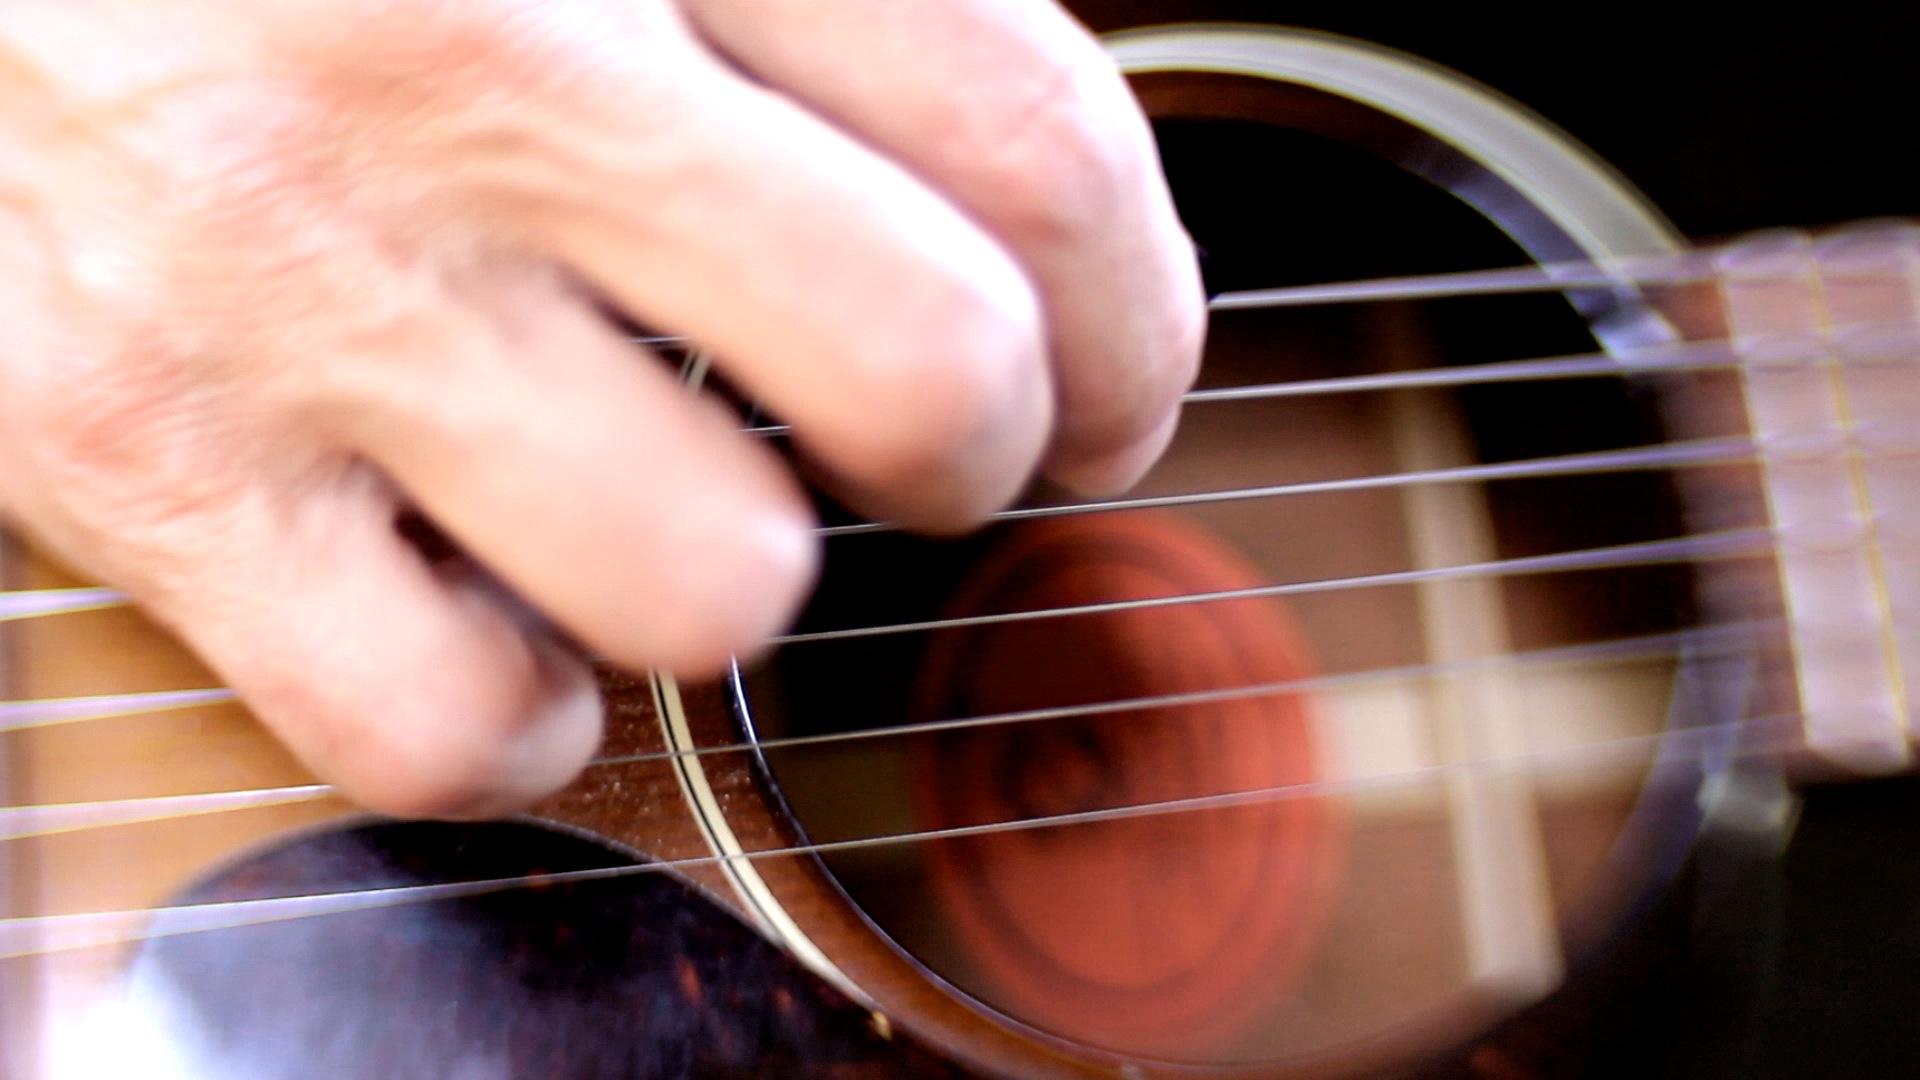 Guitar_notext.jpg